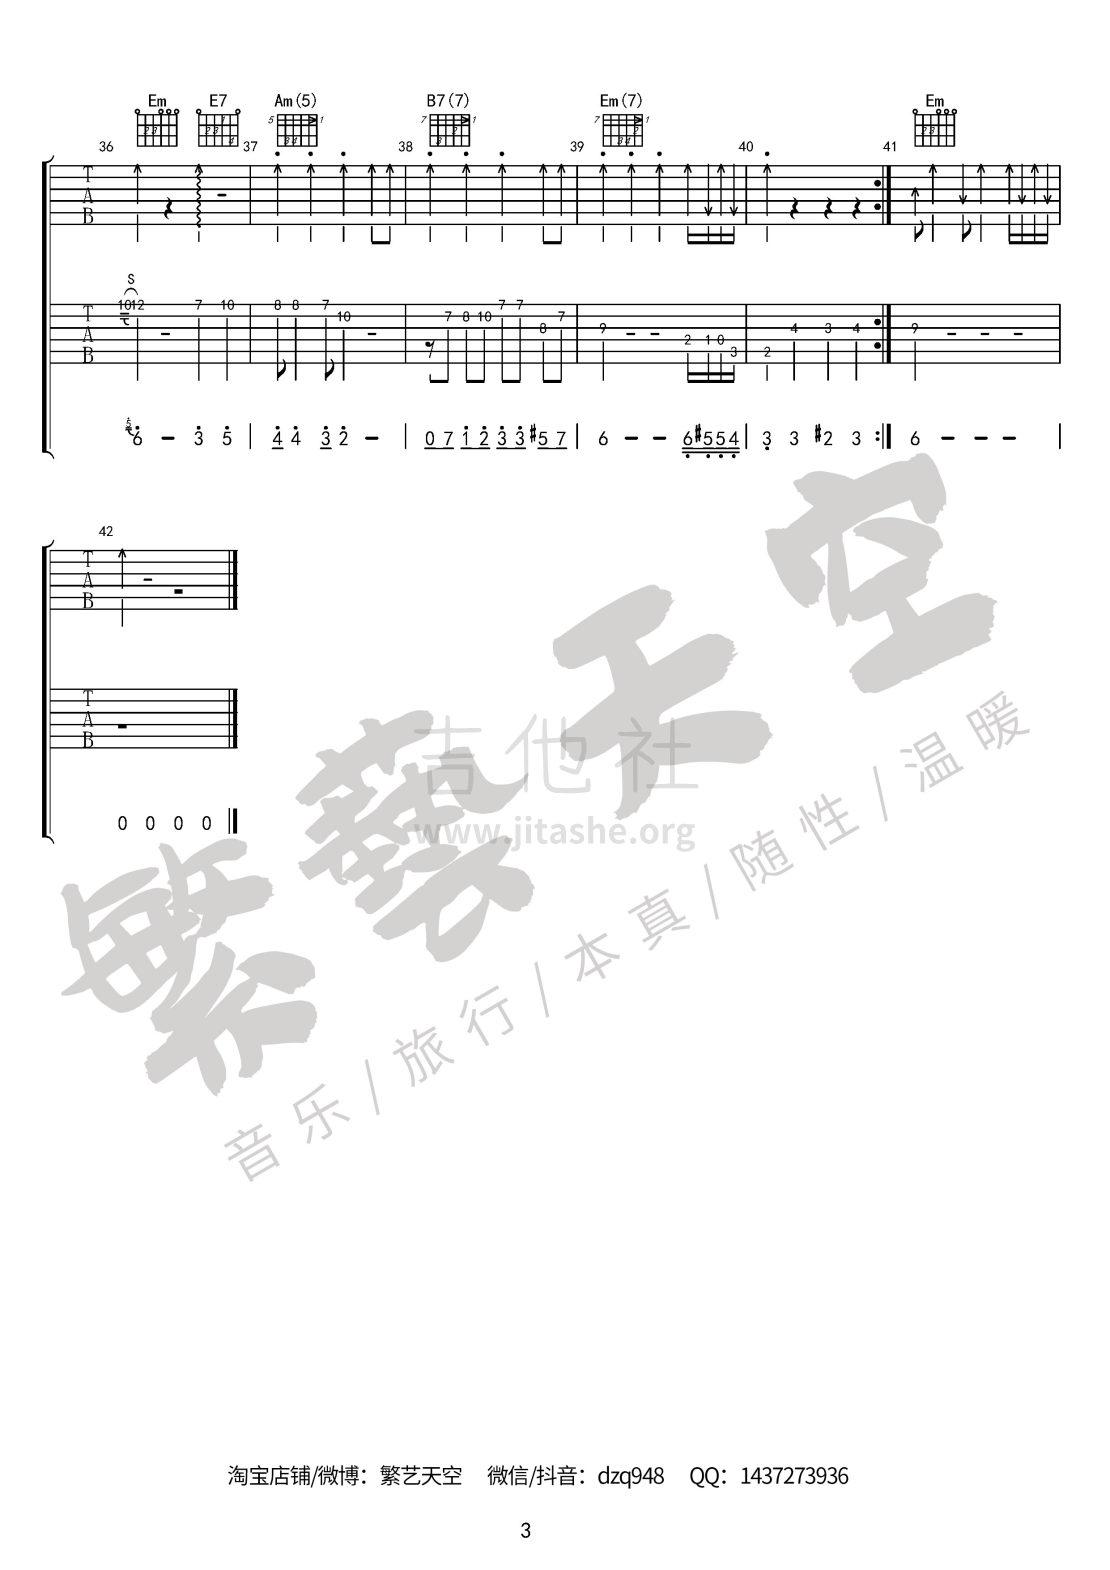 白兰地酒杯(ブランデーグラス)(繁艺天空制谱)吉他谱(图片谱,双吉他,独奏曲)_群星(Various Artists)_白兰地酒杯_页面_3.jpg